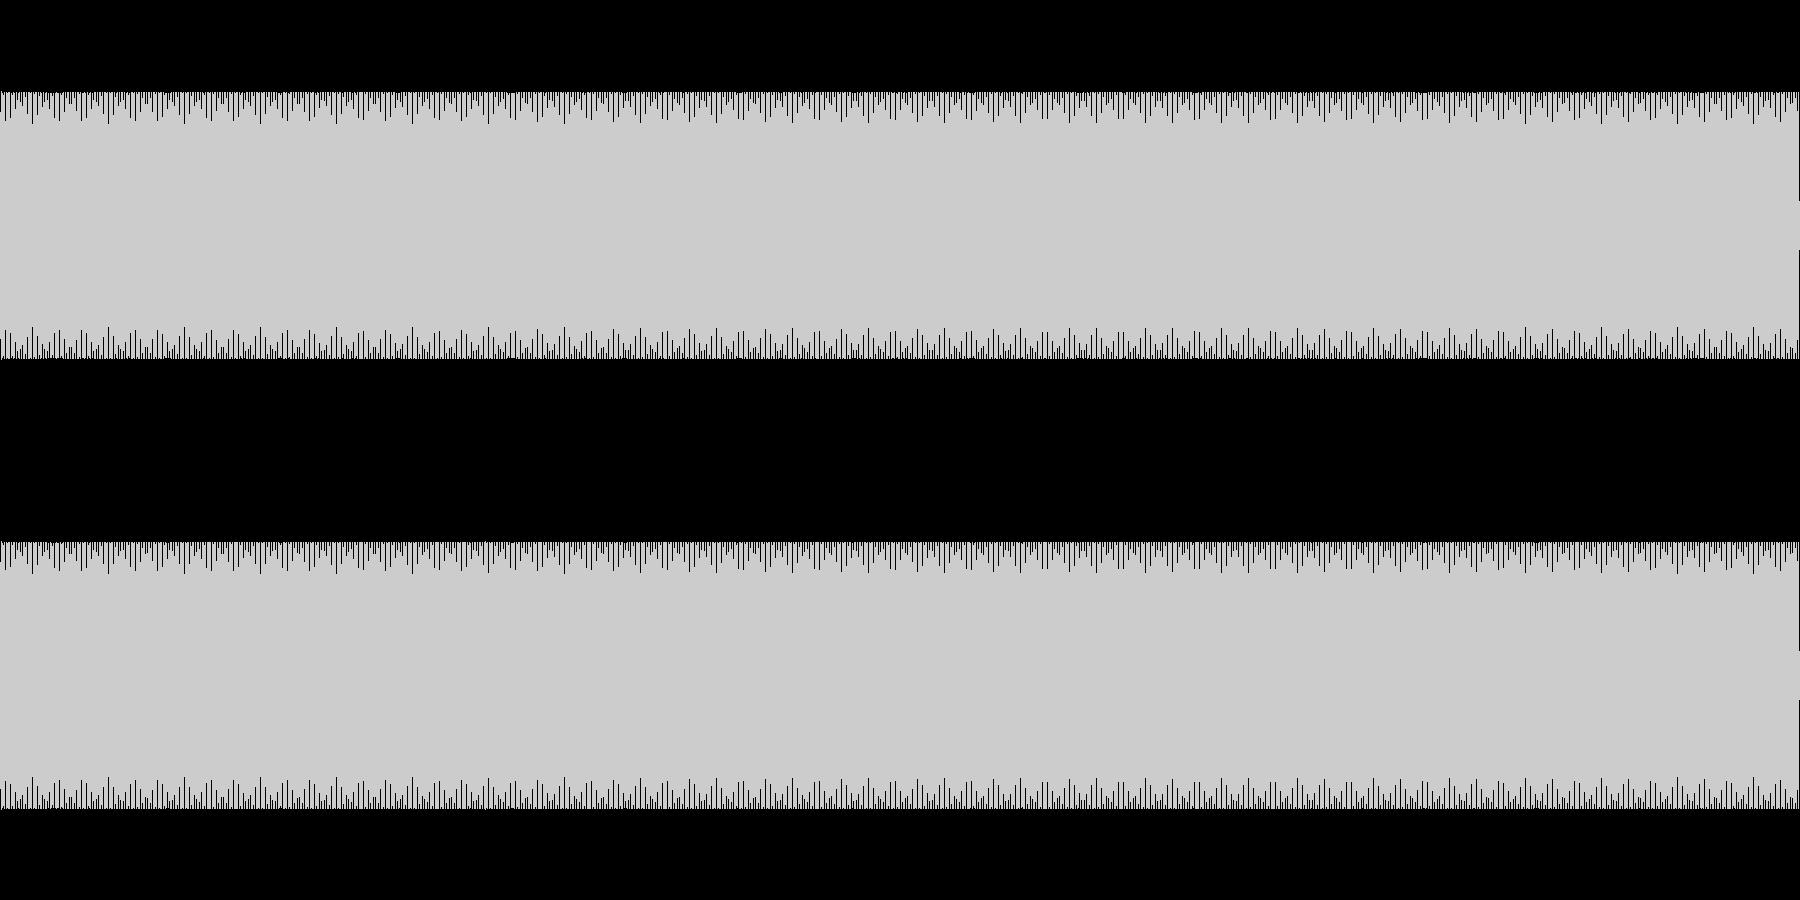 自主規制ピー音の未再生の波形